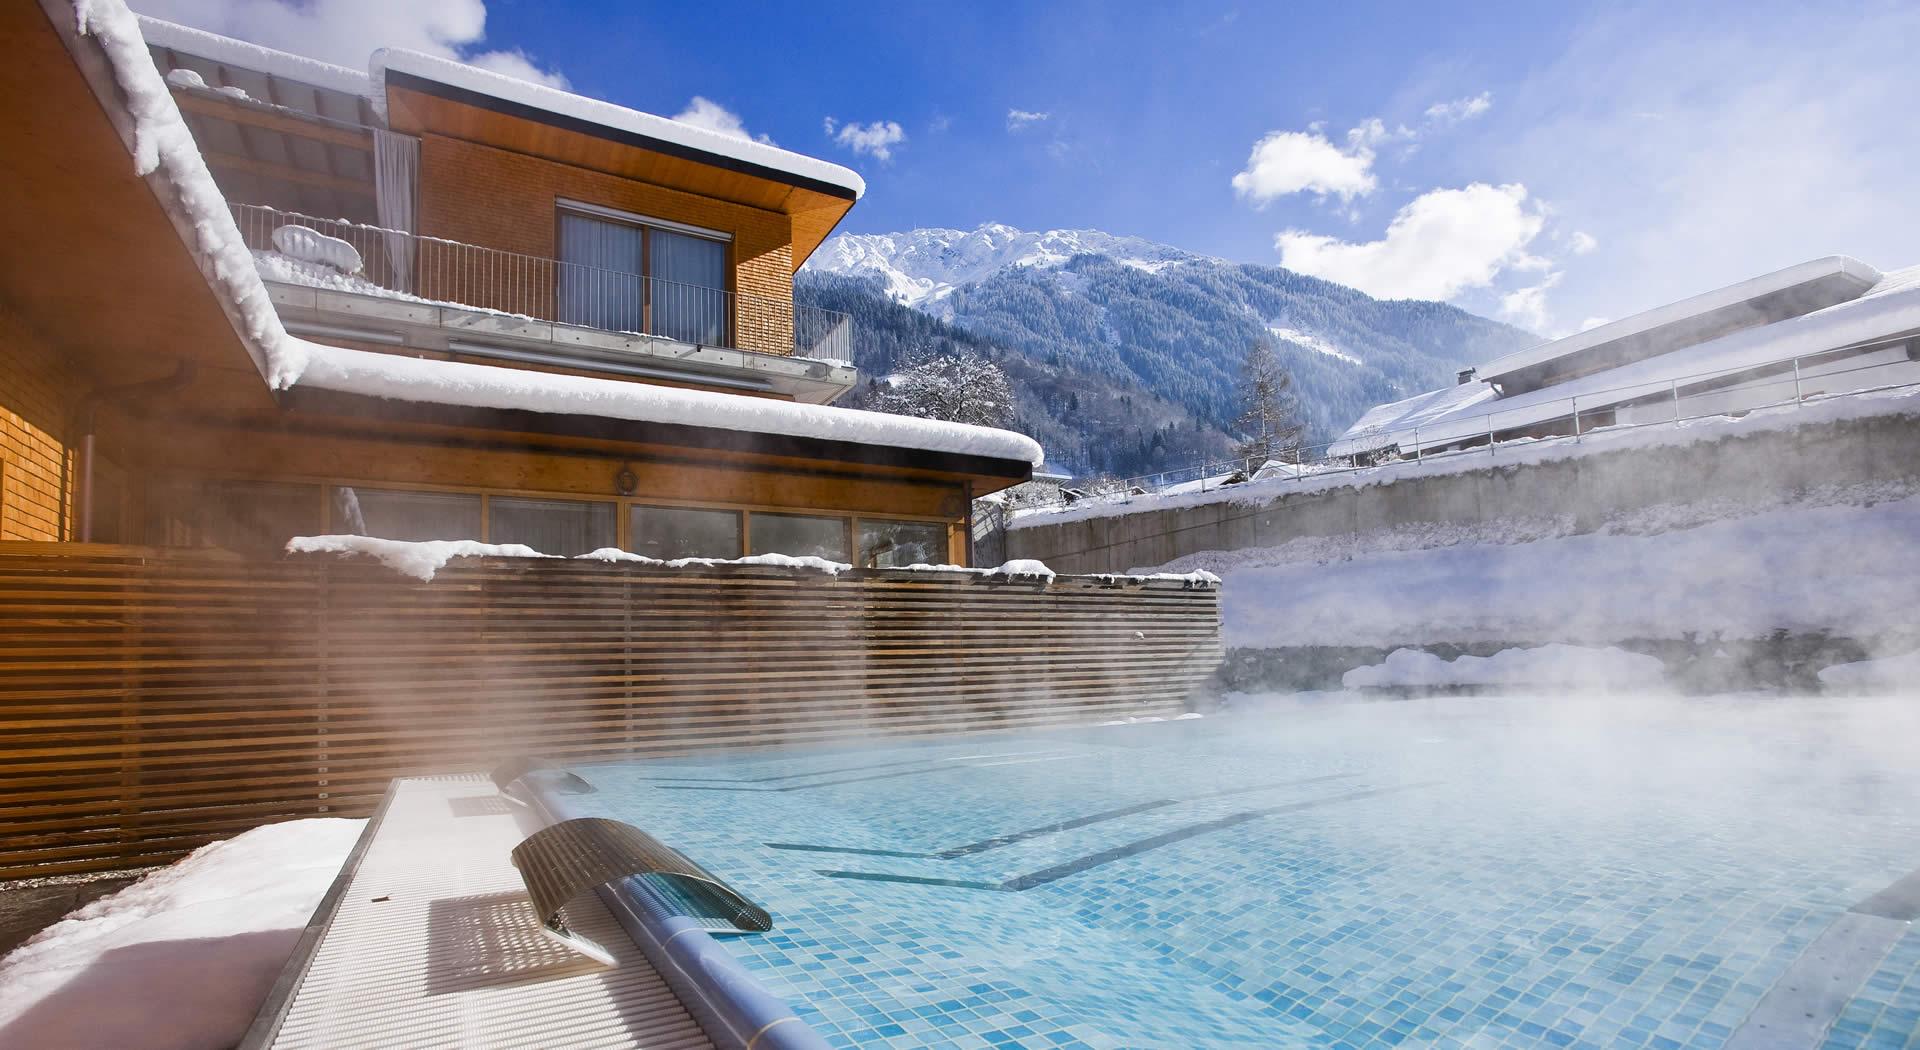 4 Sterne superior Alpenhotel Montafon - Schruns in Vorarlberg - Wellnessbereich, Außenpool